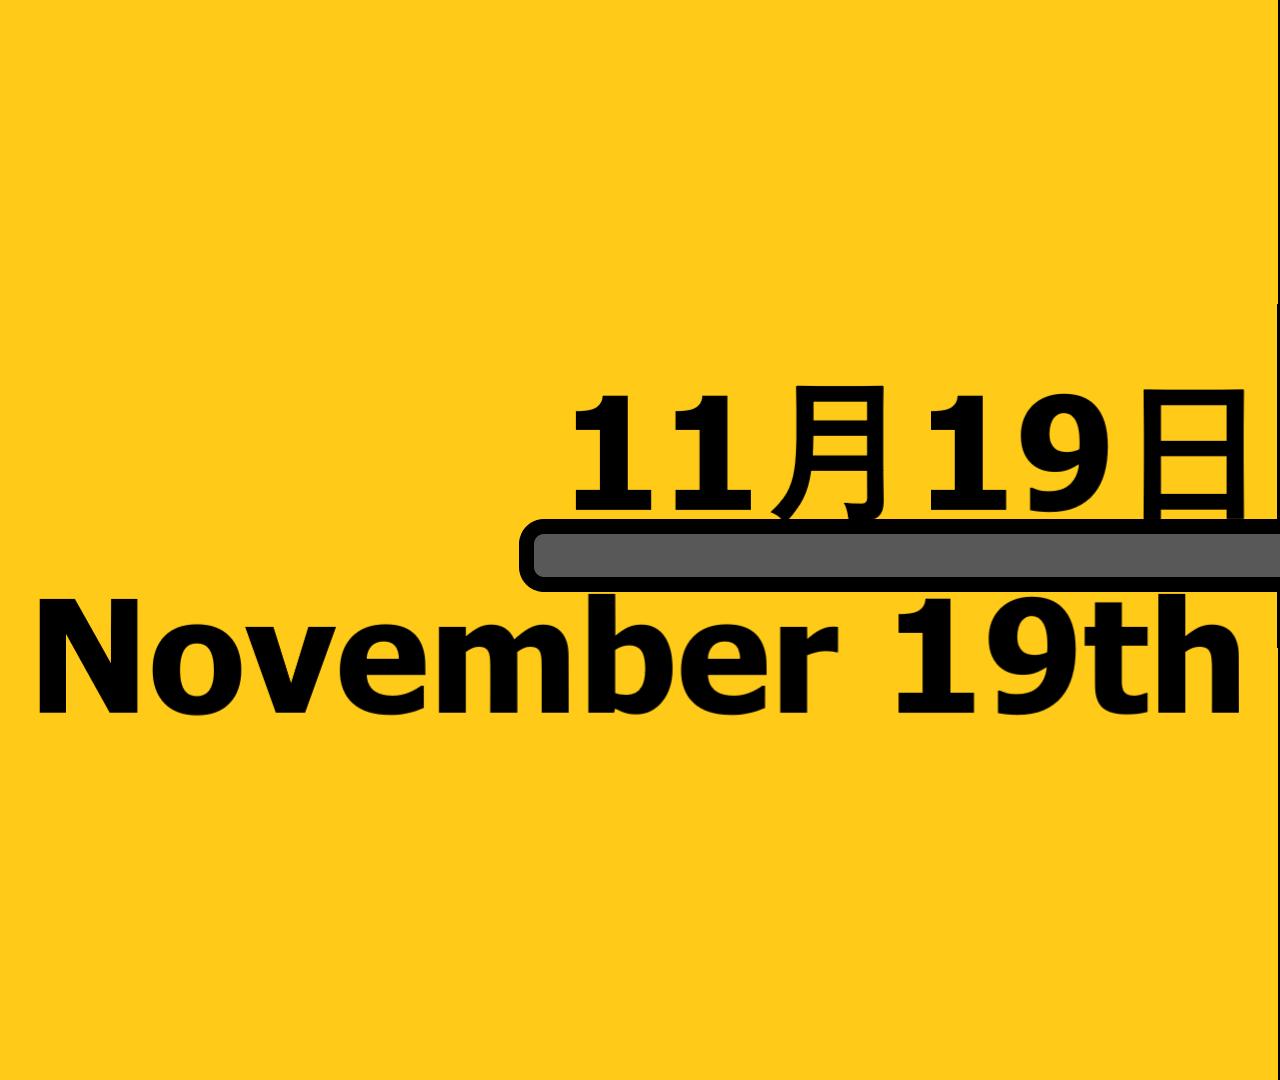 11月19日・November 19thの文字イラスト